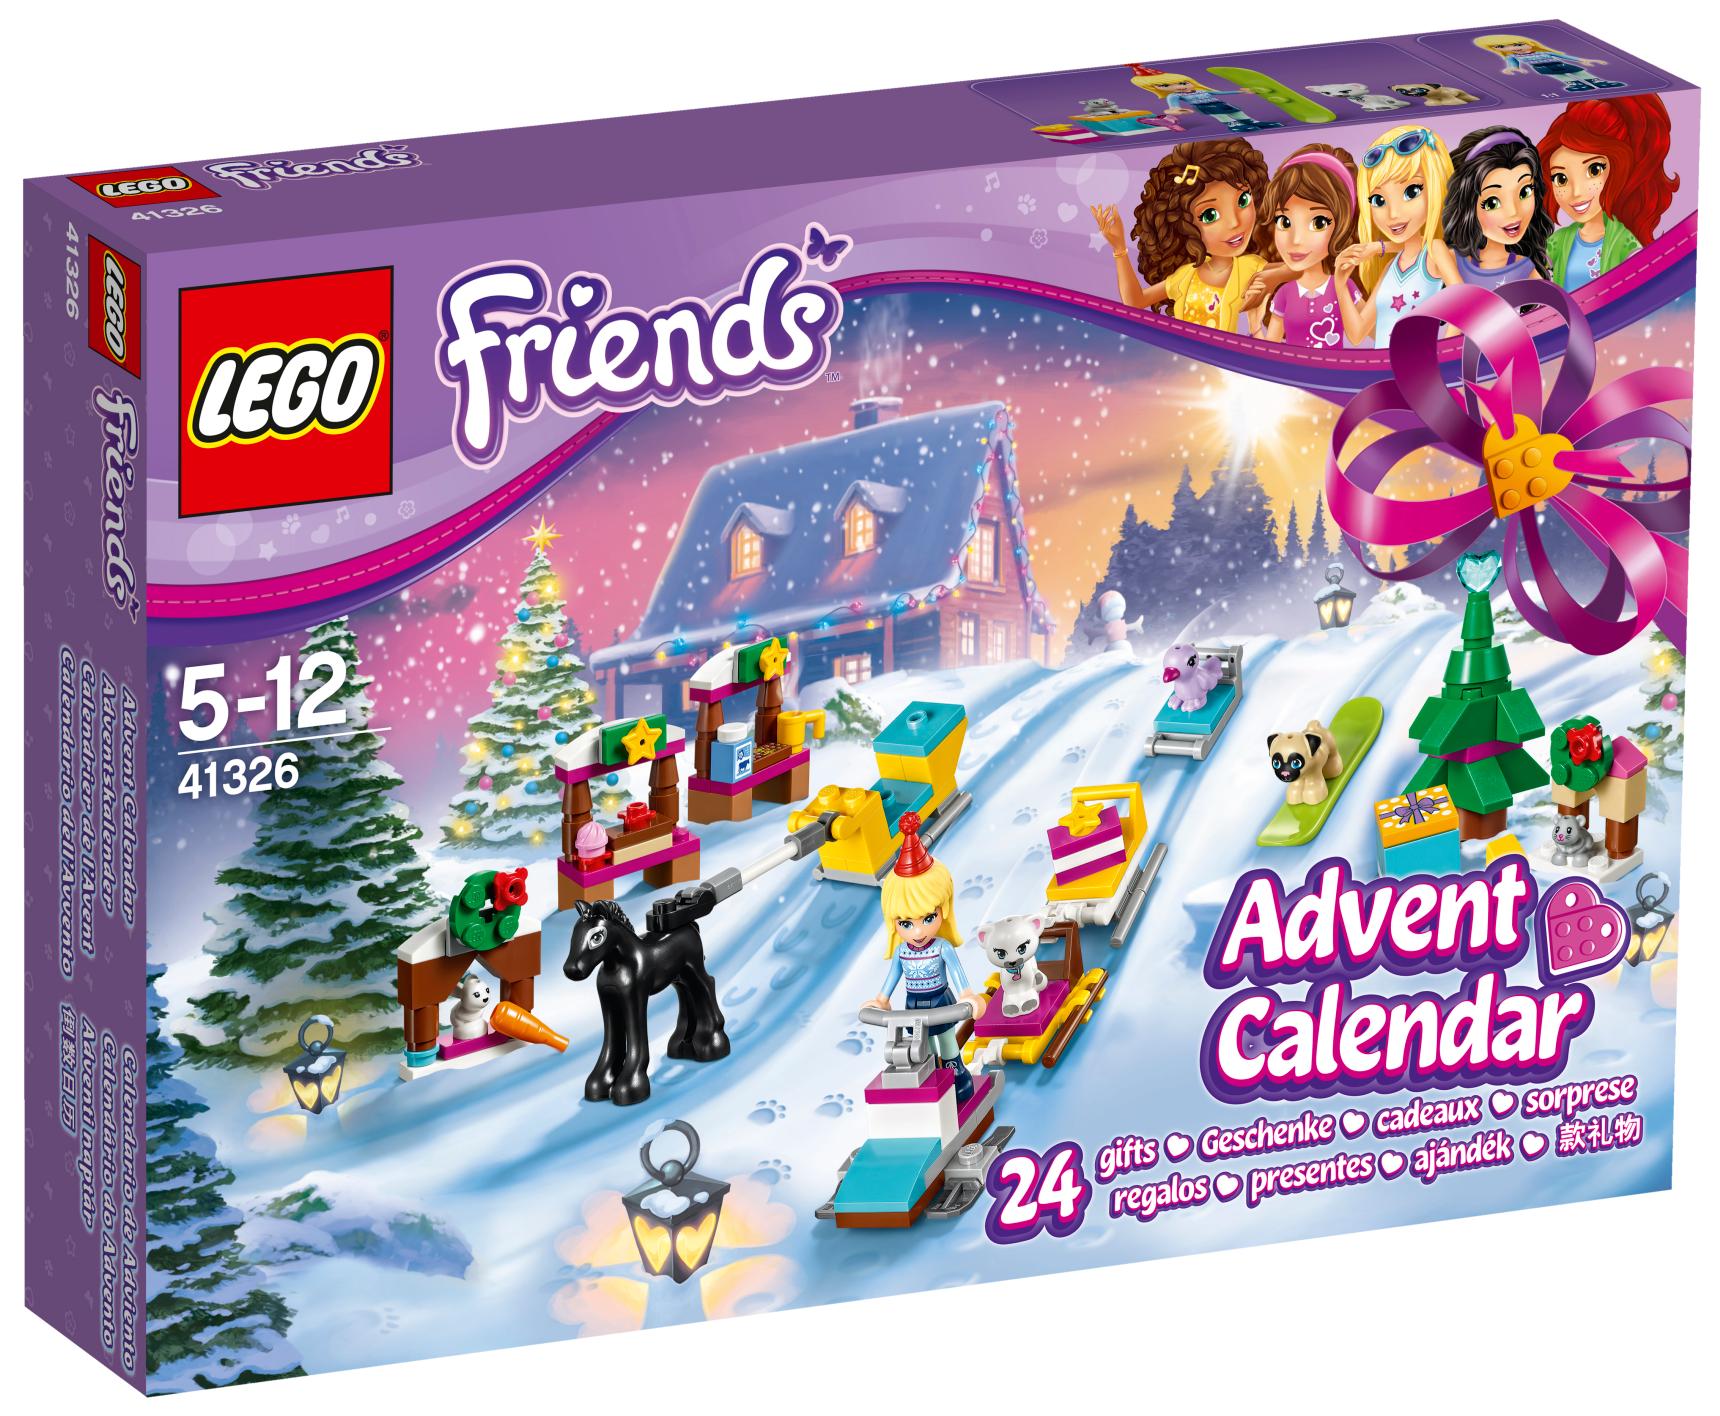 e06b4f7ab LEGO Friends 41326 Adventní kalendář od 649 Kč | Zboží.cz